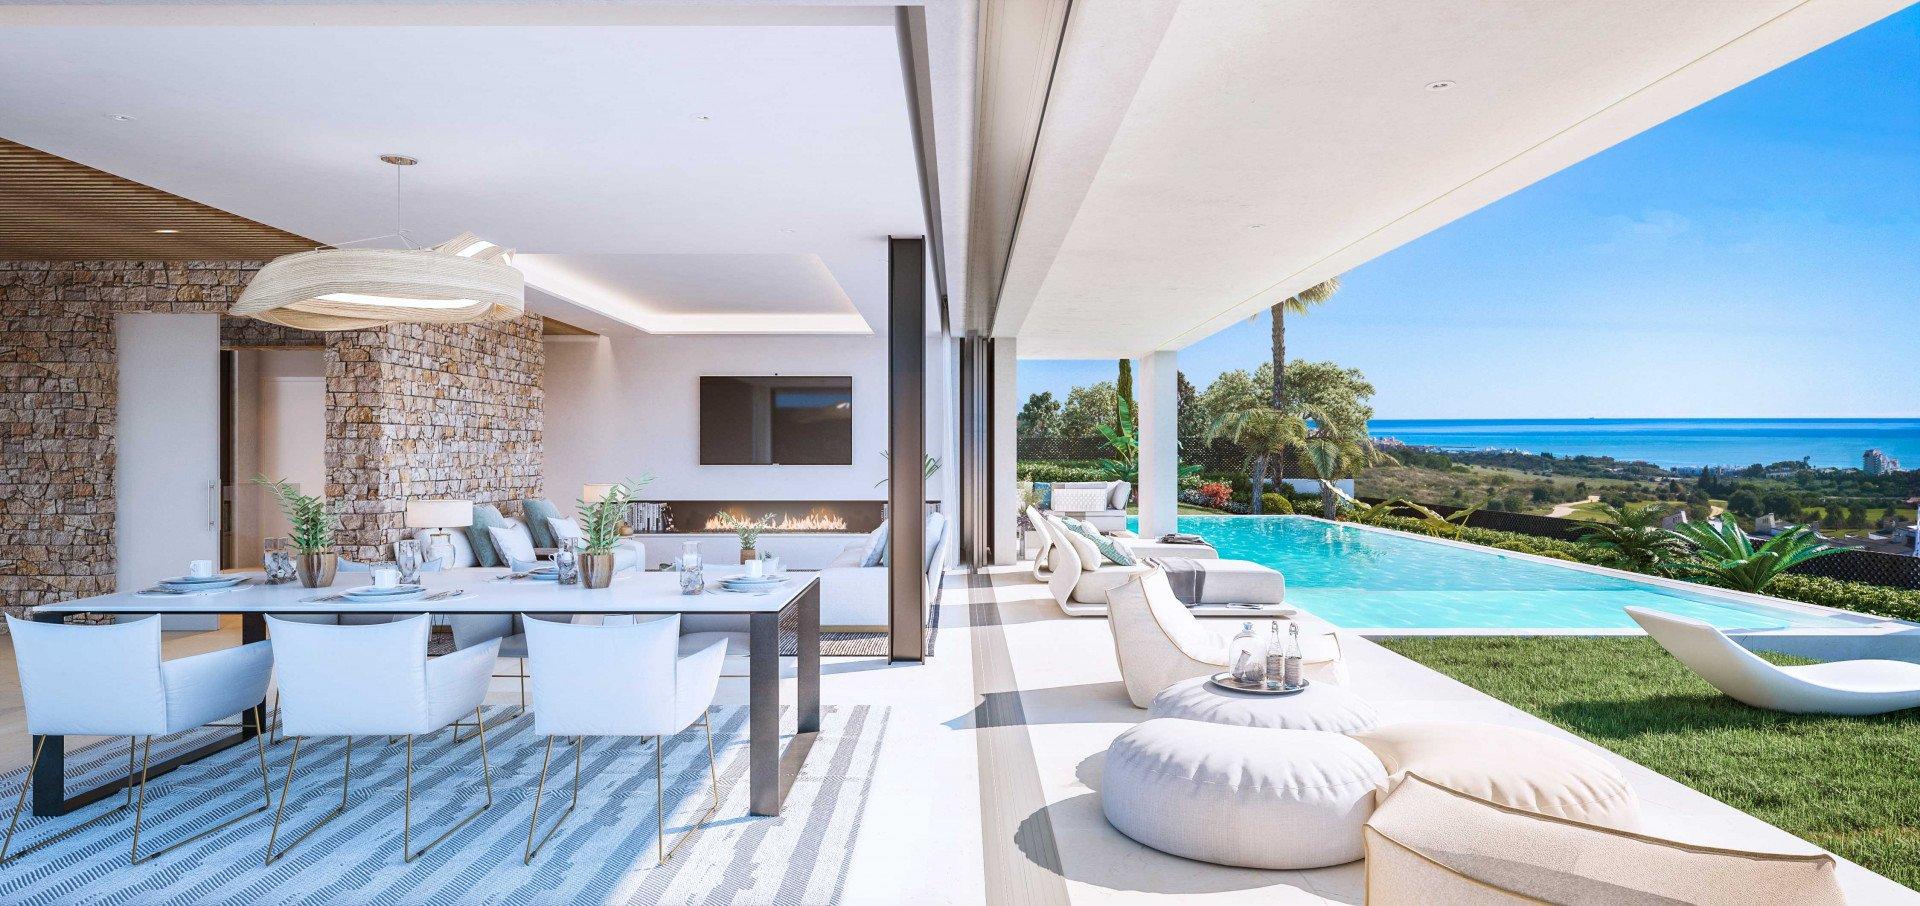 Villa in Estepona, Andalusia, Spain 1 - 10781316